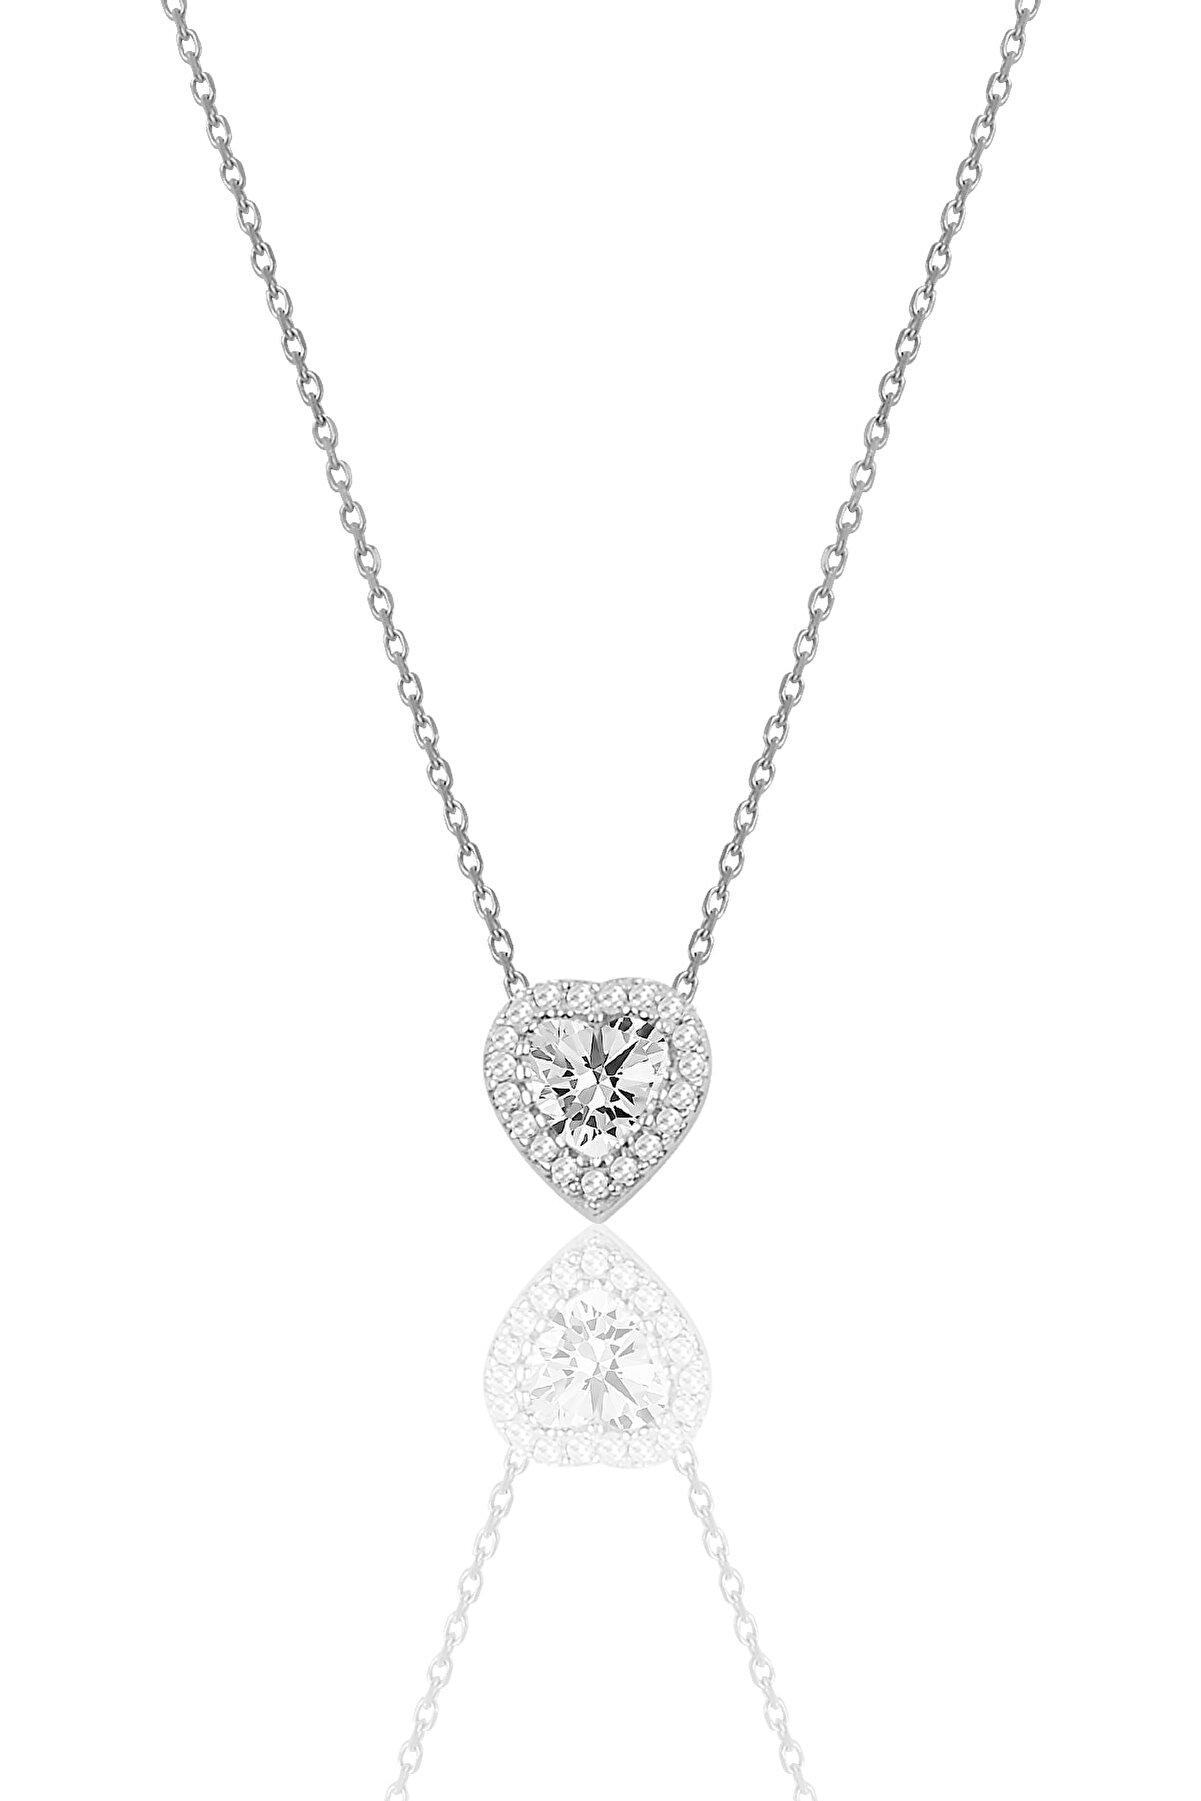 Söğütlü Silver Gümüş Pırlanta Montürlü Kalp Modeli Kolye